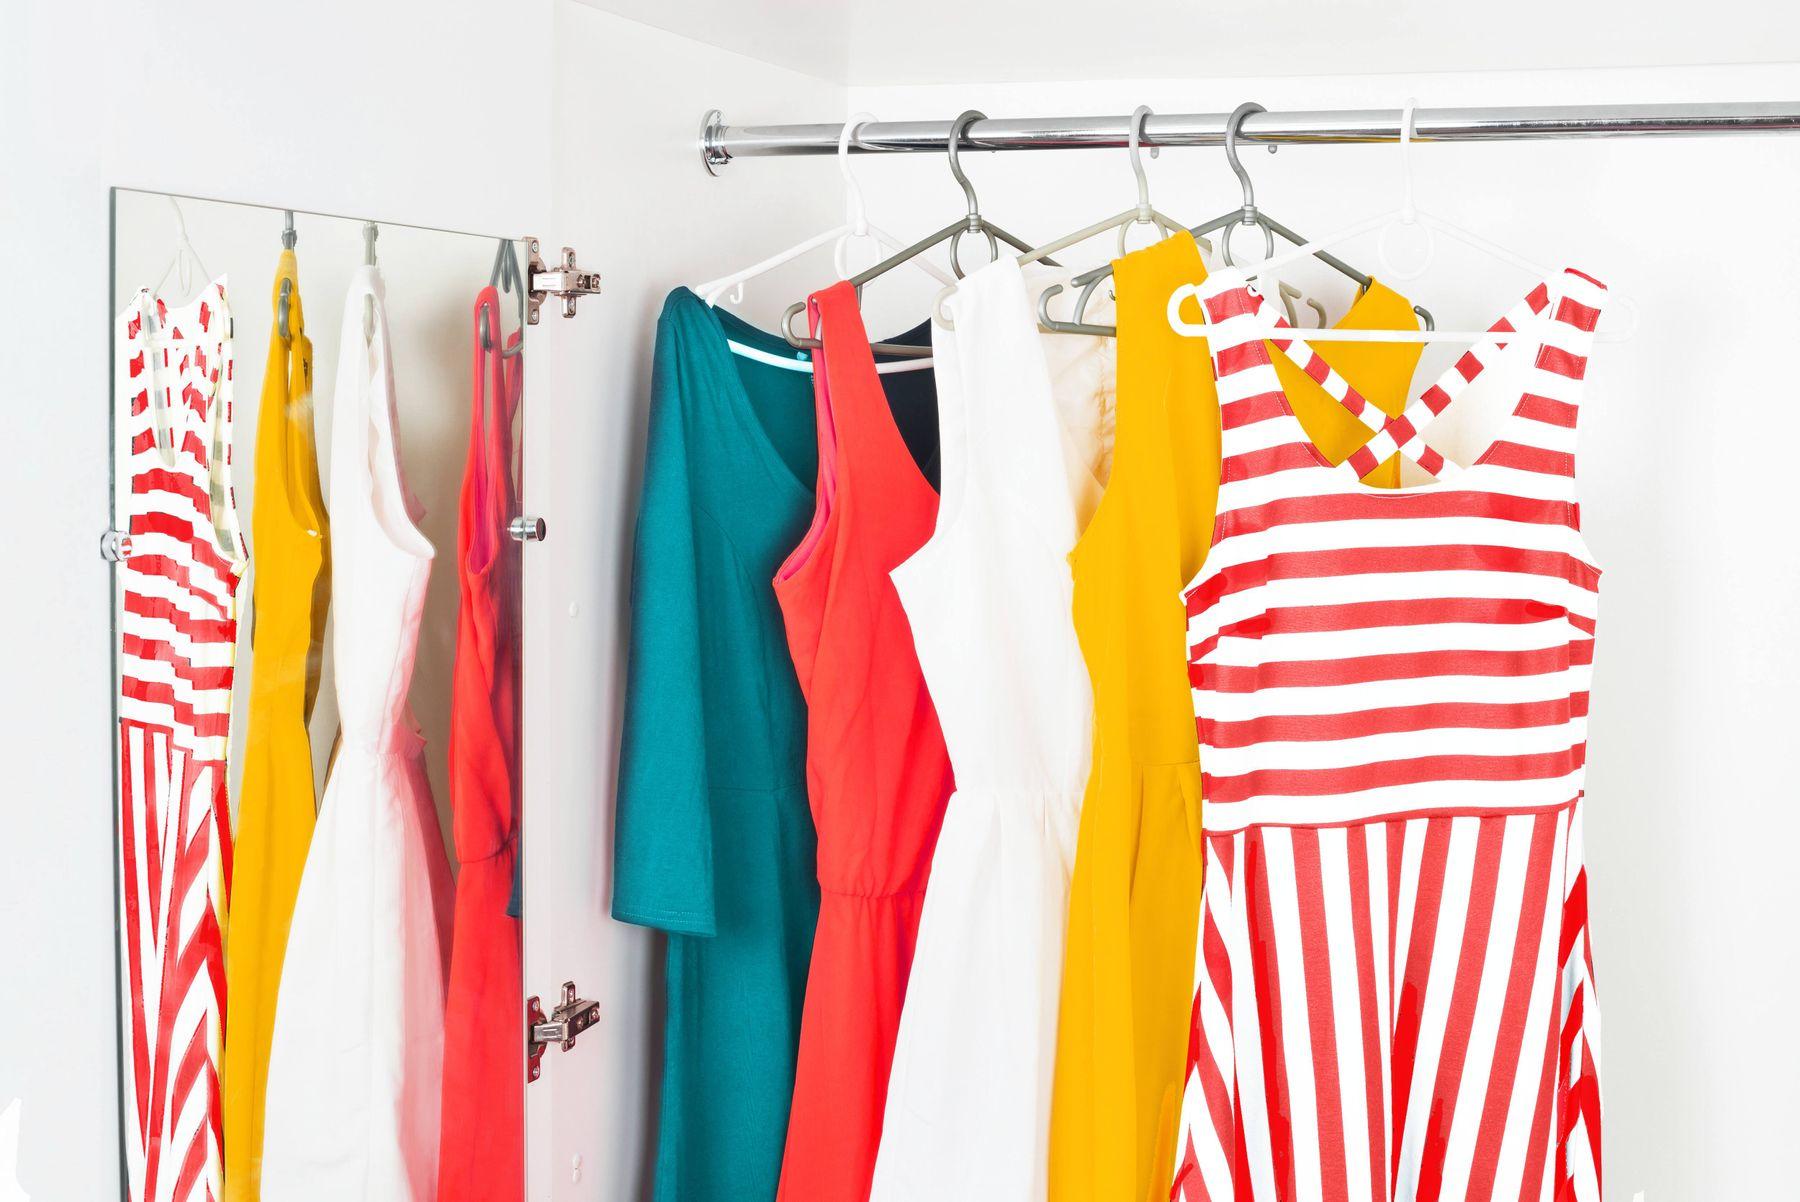 phân loại quần áo trước khi giặt áo trắng